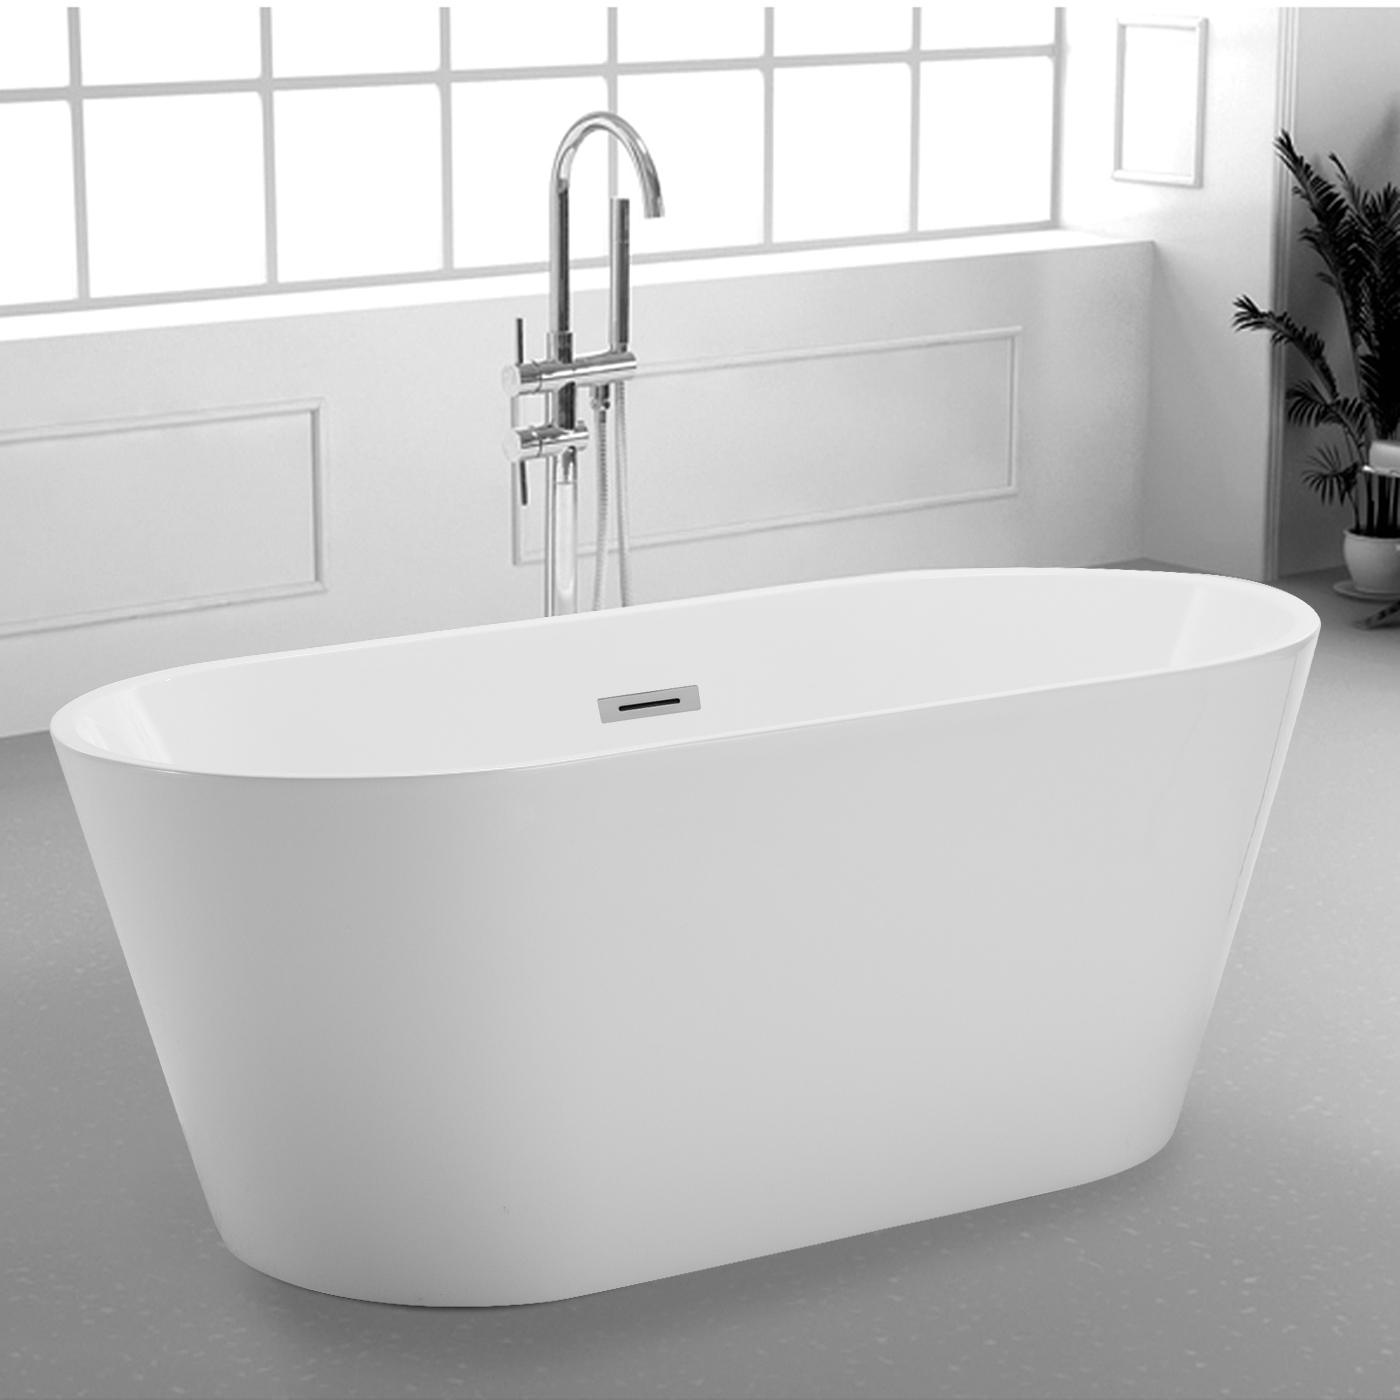 Акриловая ванна Grossman GR-1270 акриловая ванна grossman gr 18012